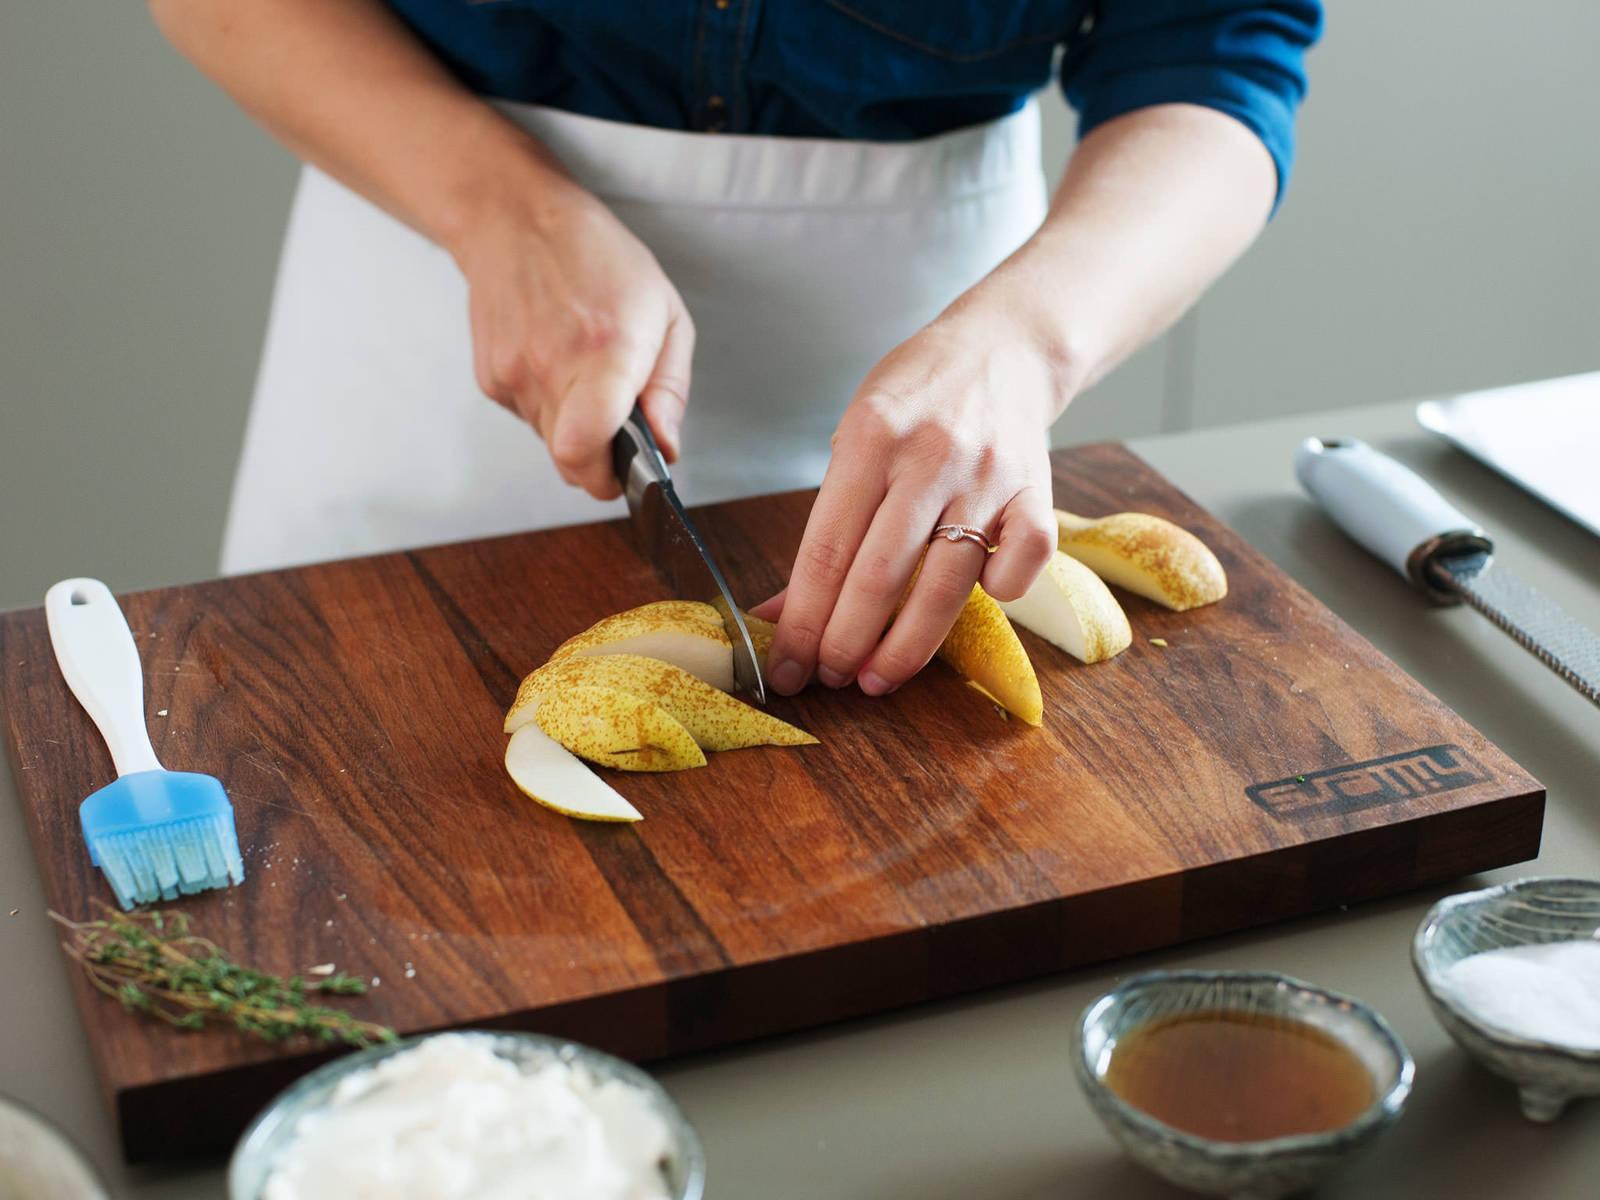 Ofentemperatur auf 220°C erhöhen. Birnen schneiden und auf einem mit Backpapier ausgelegten Backblech anordnen.